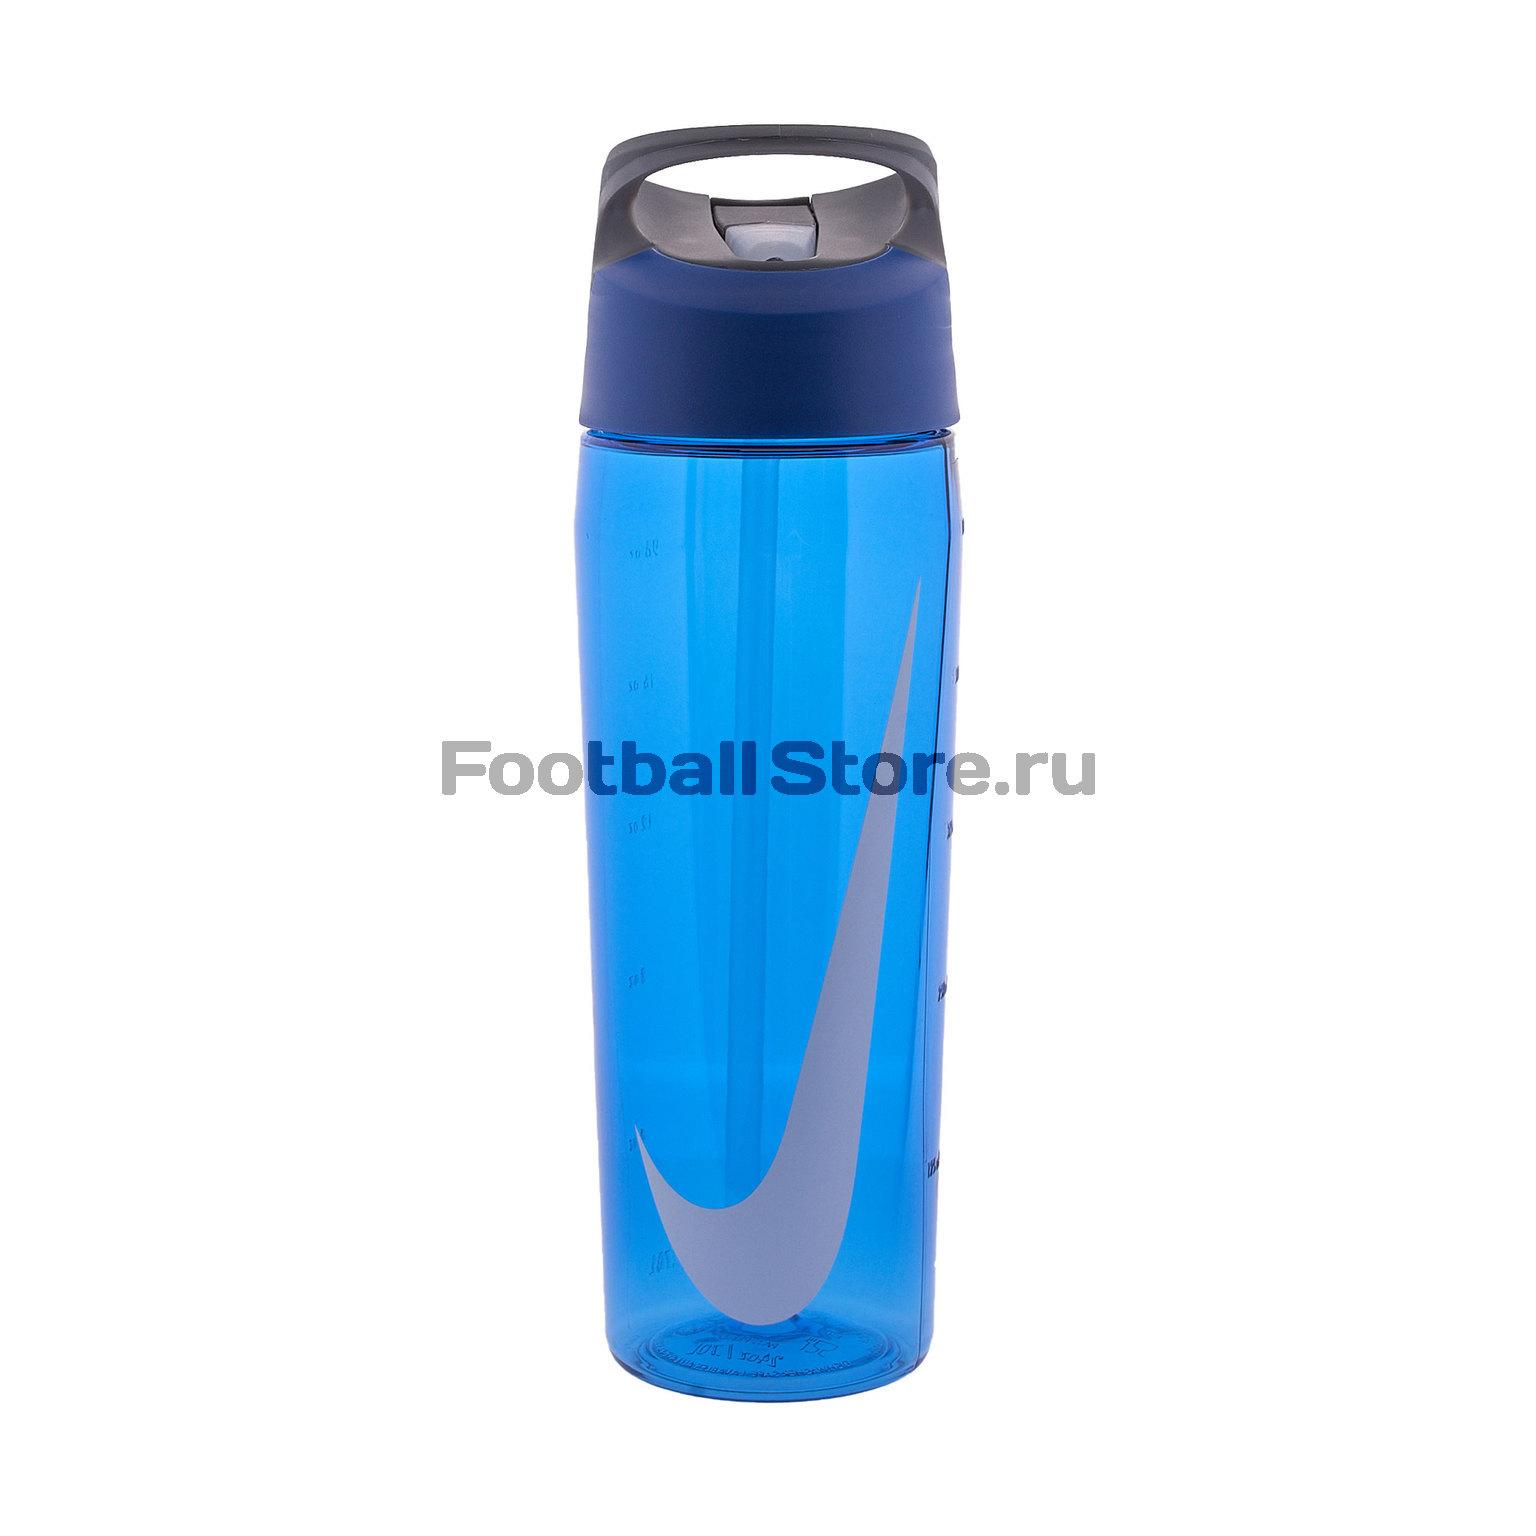 Бутылка для воды Nike Hypercharge Straw N.OB.E3.445.24